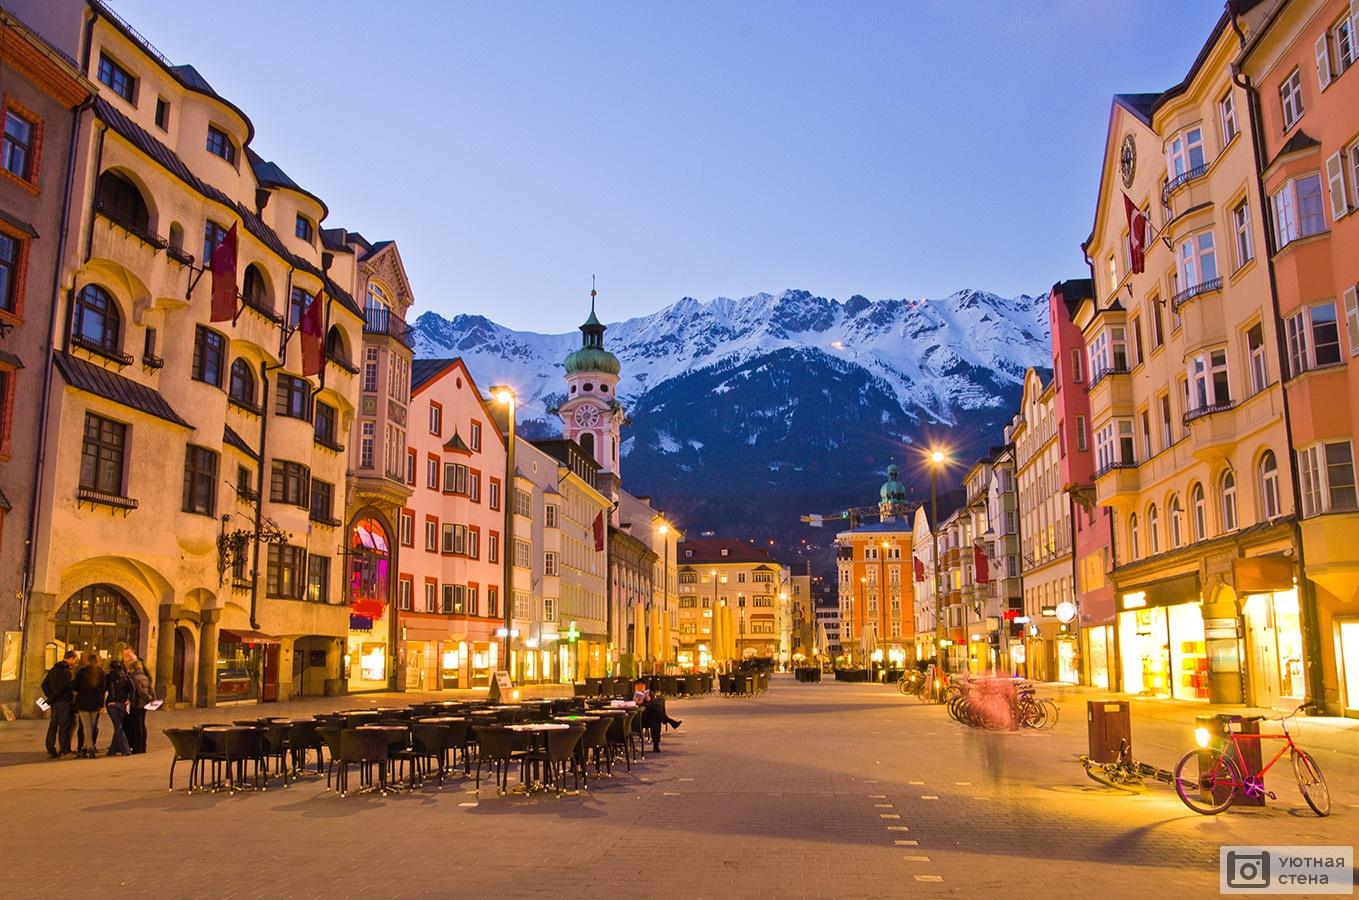 Инсбрук, Австрия, улица без смс